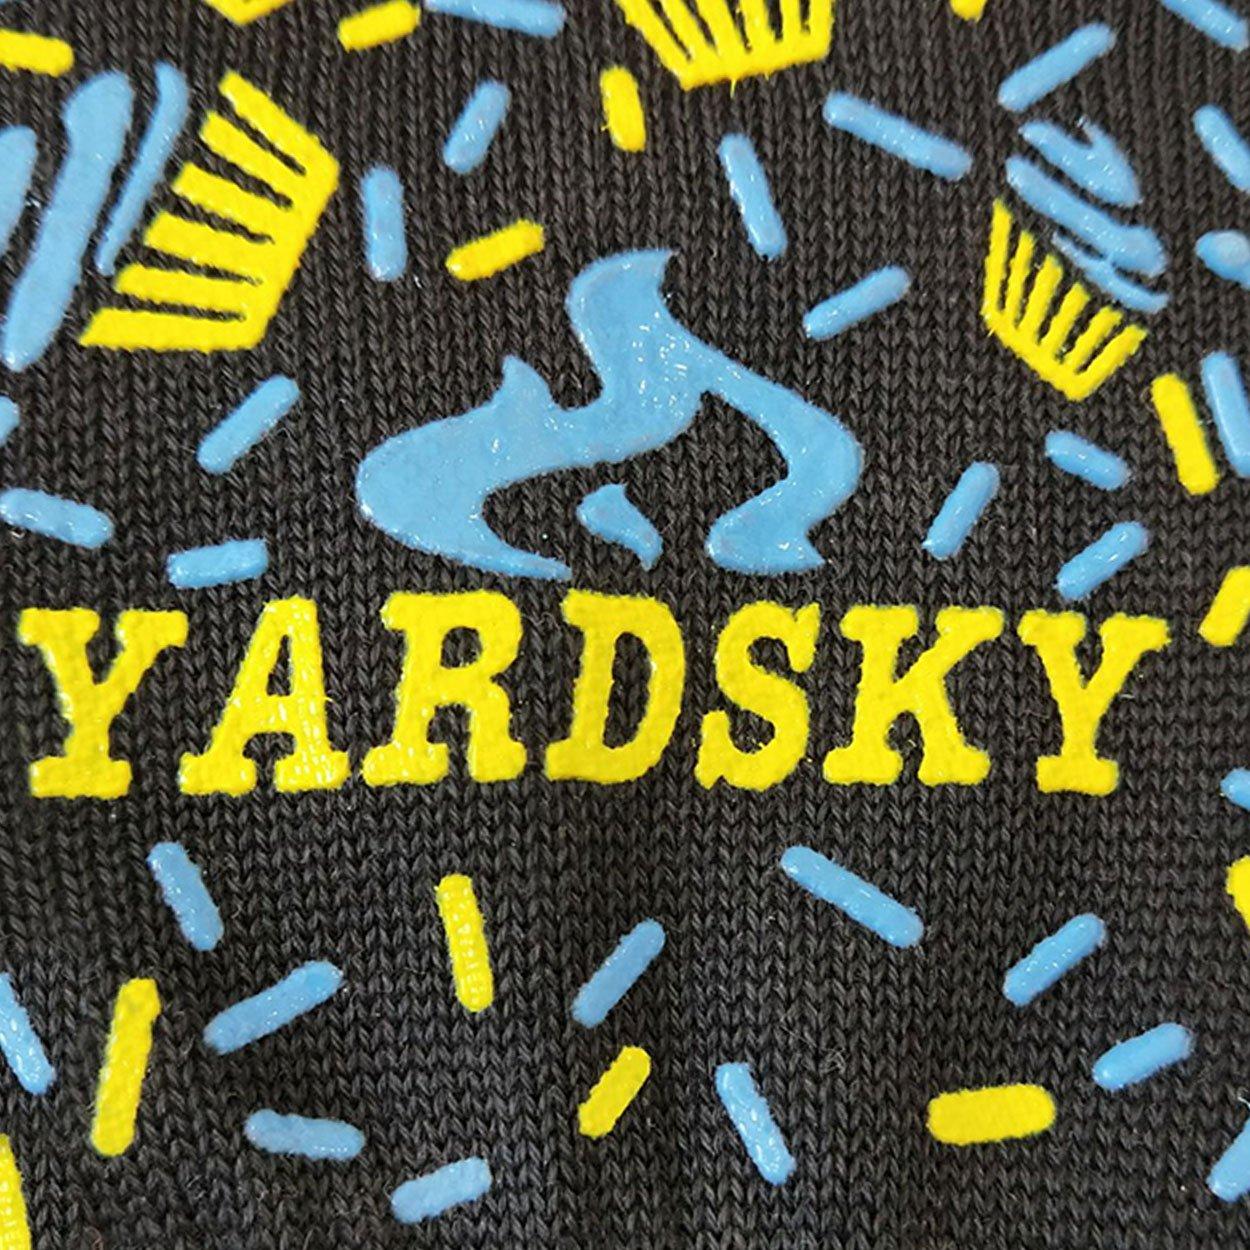 Yardsky BBQ Guantes Interfaz Fijo Antideslizante Barbacoa Guantes Hornear  Cocinar Calor Protección Antebrazo Juego DE 2 ... eef29bd272e2